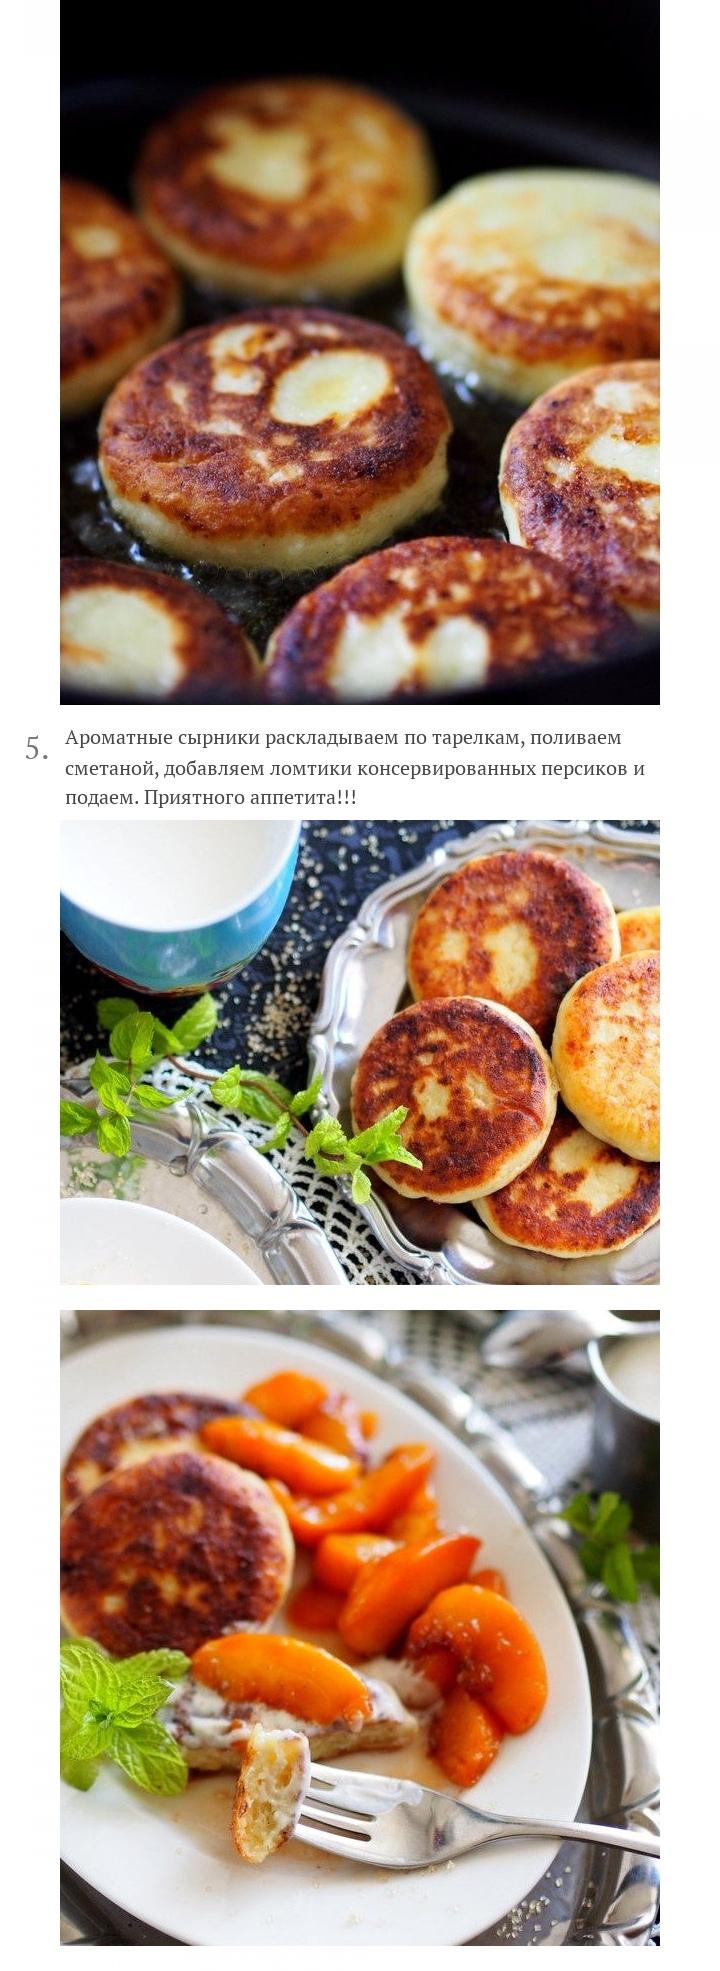 Идеальные сырники из творога, изображение №4